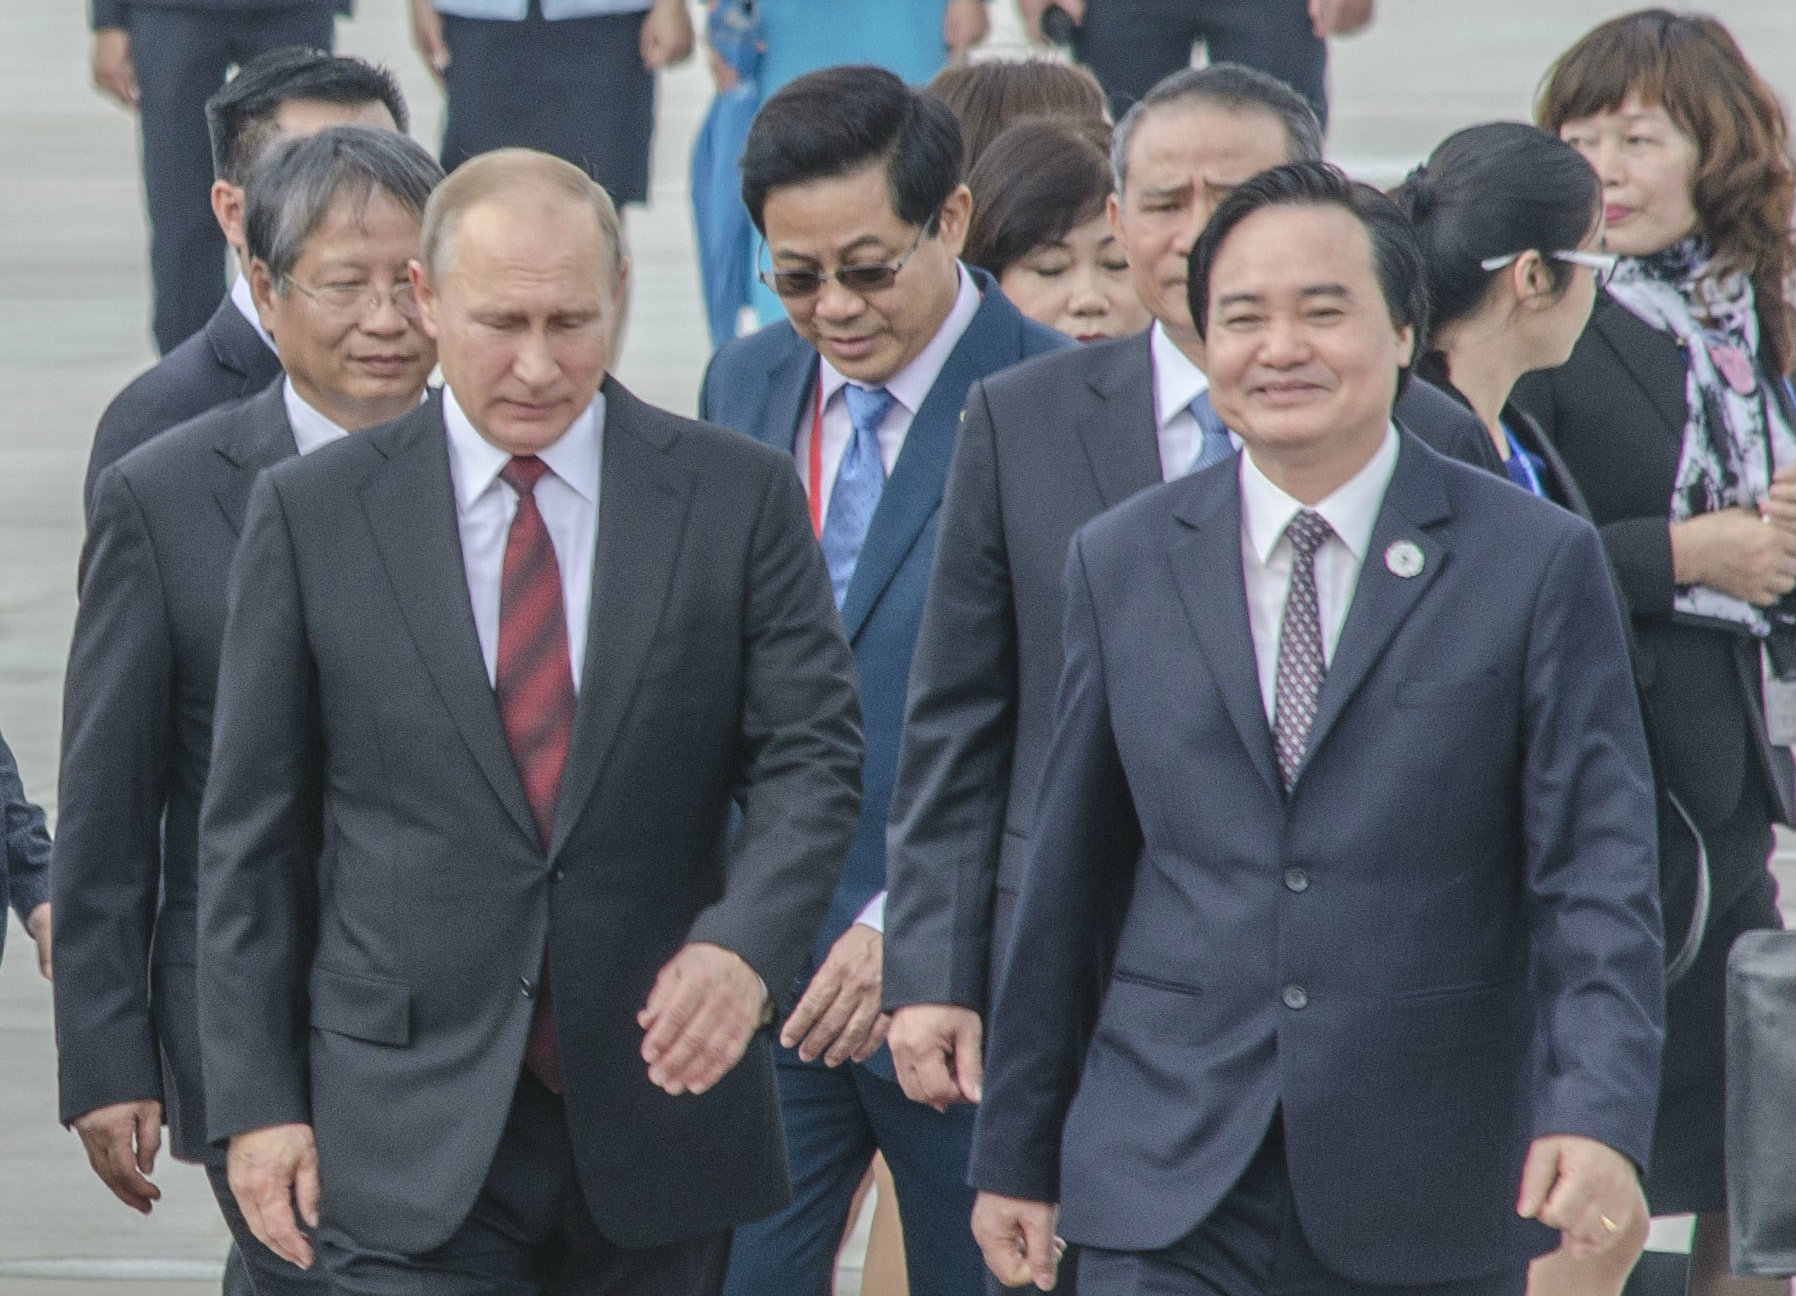 Nhiều nguyên thủ đã đến Đã Nẵng dự Tuần lễ Cấp cao APEC